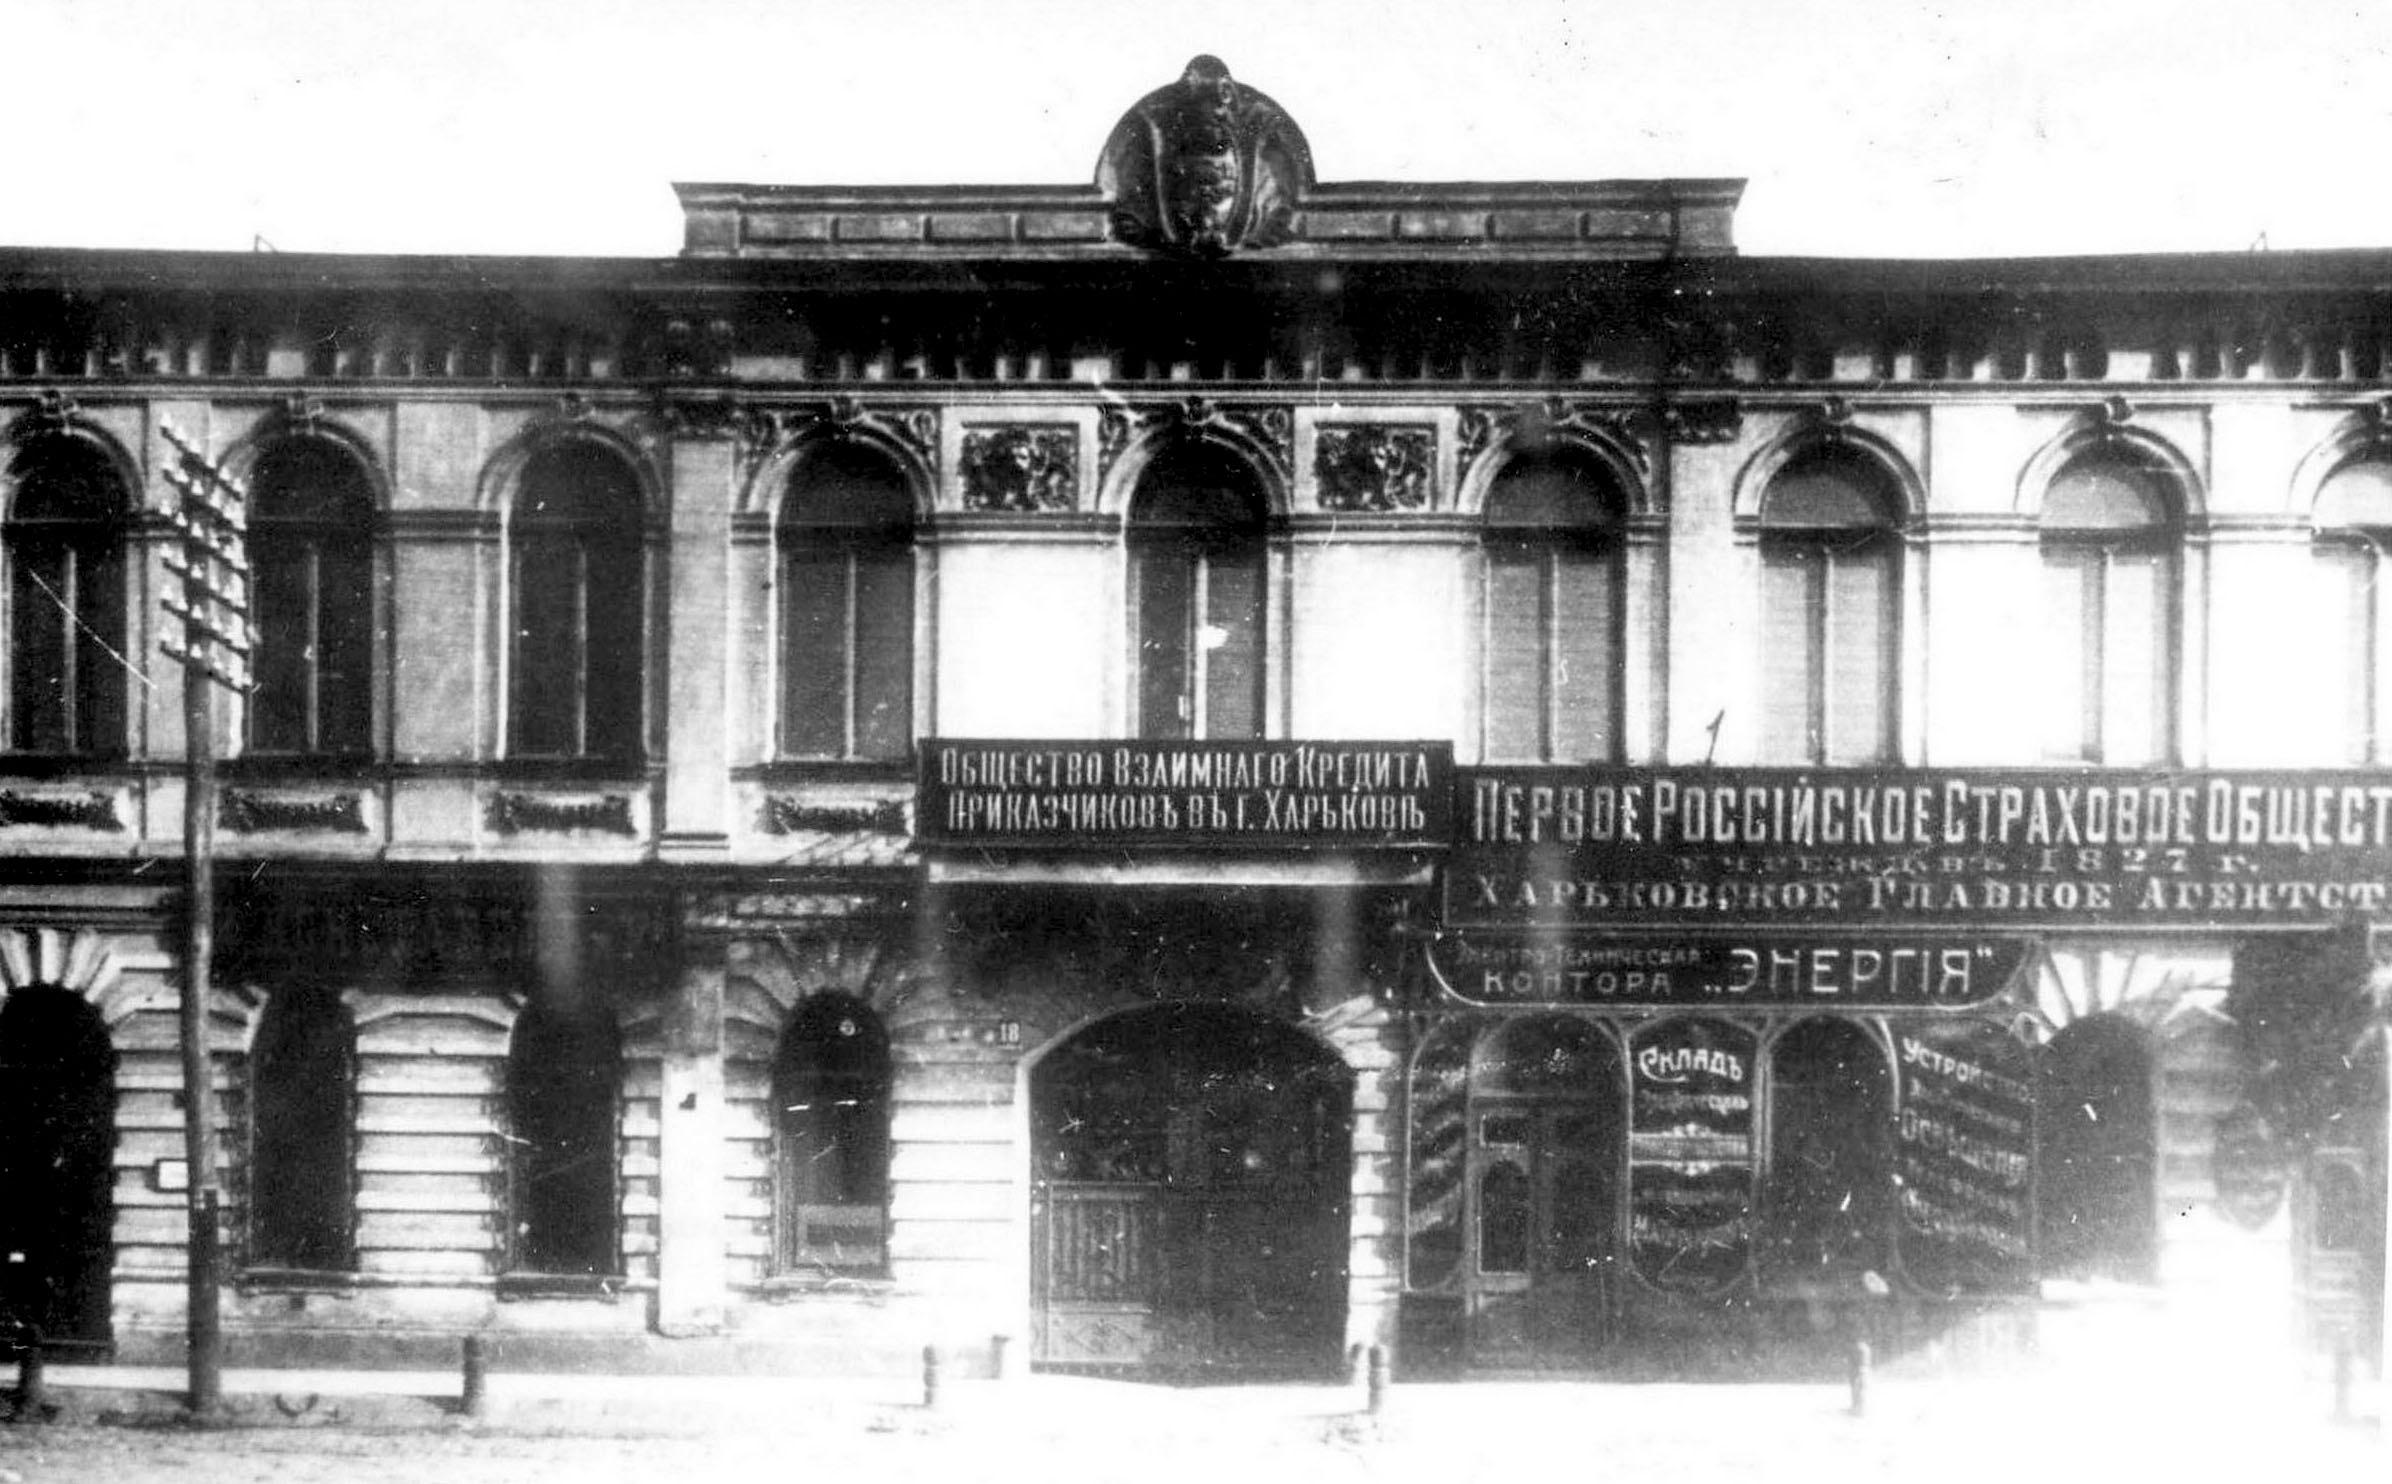 Рыбная улица 18, Здание общества взаимного кредита приказчиков